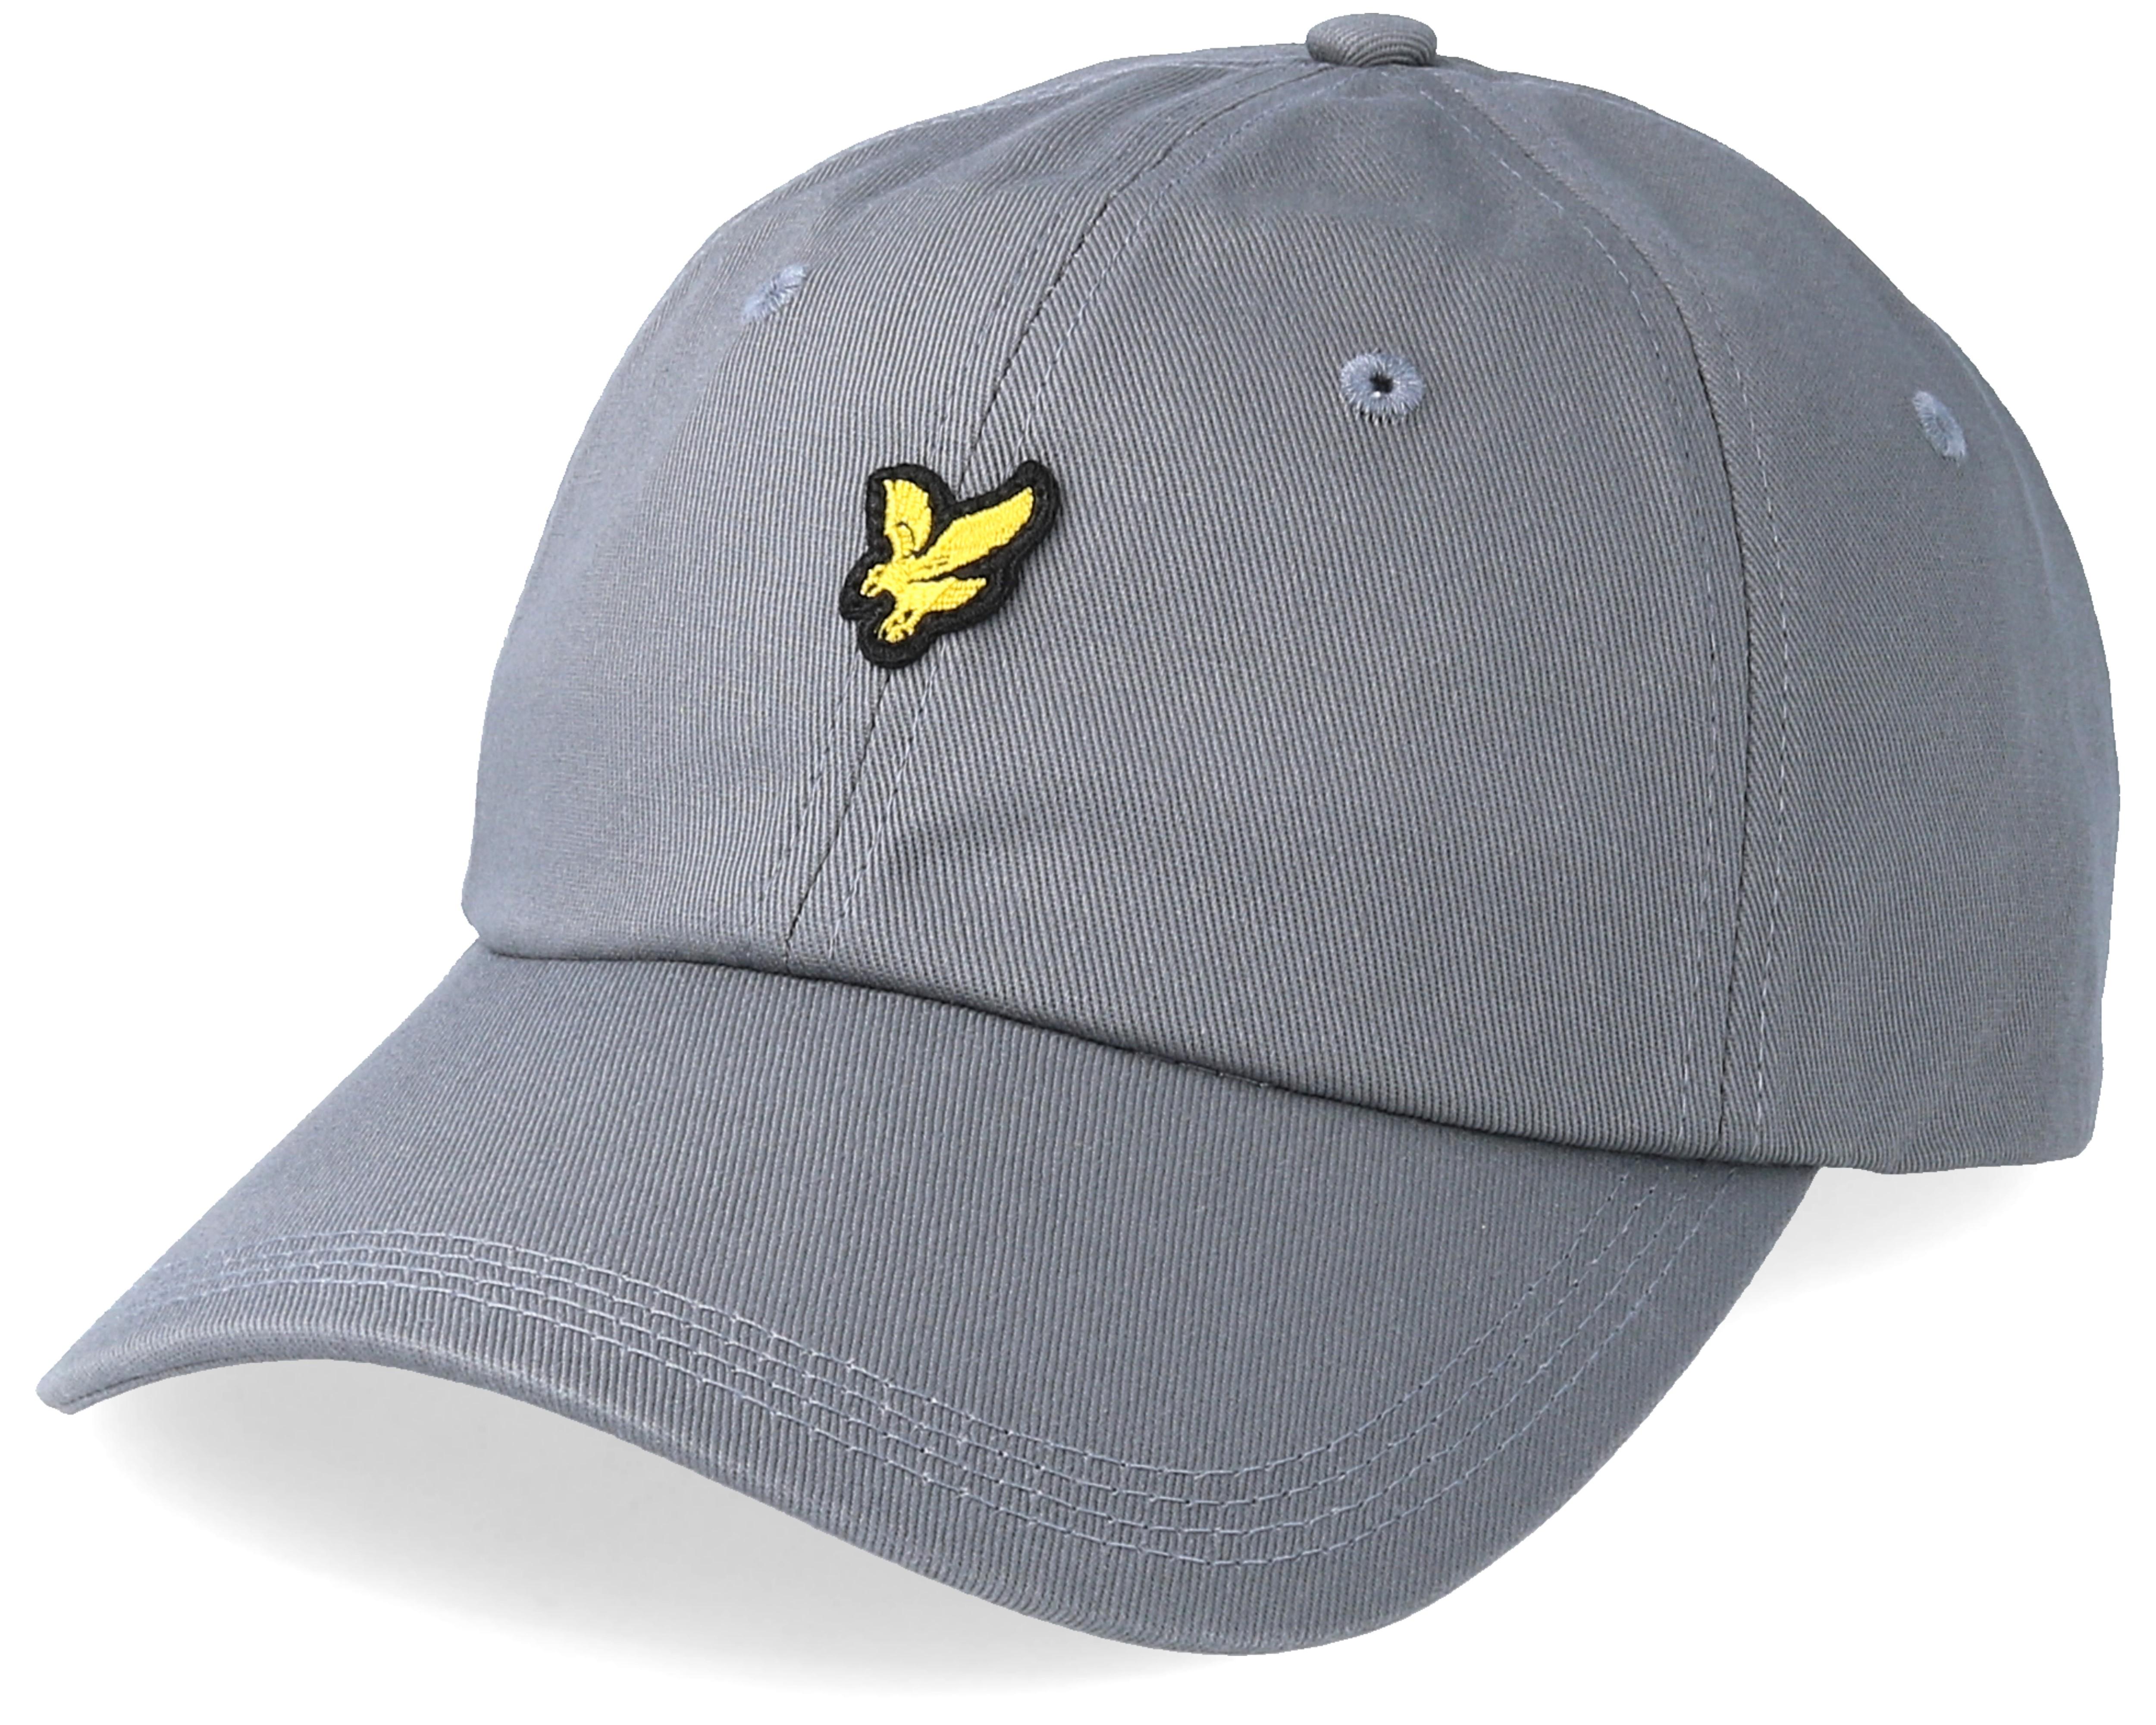 sklep internetowy ogromny wybór dostępny Cotton Twill Baseball Cap Urban Grey Adjustable - Lyle & Scott